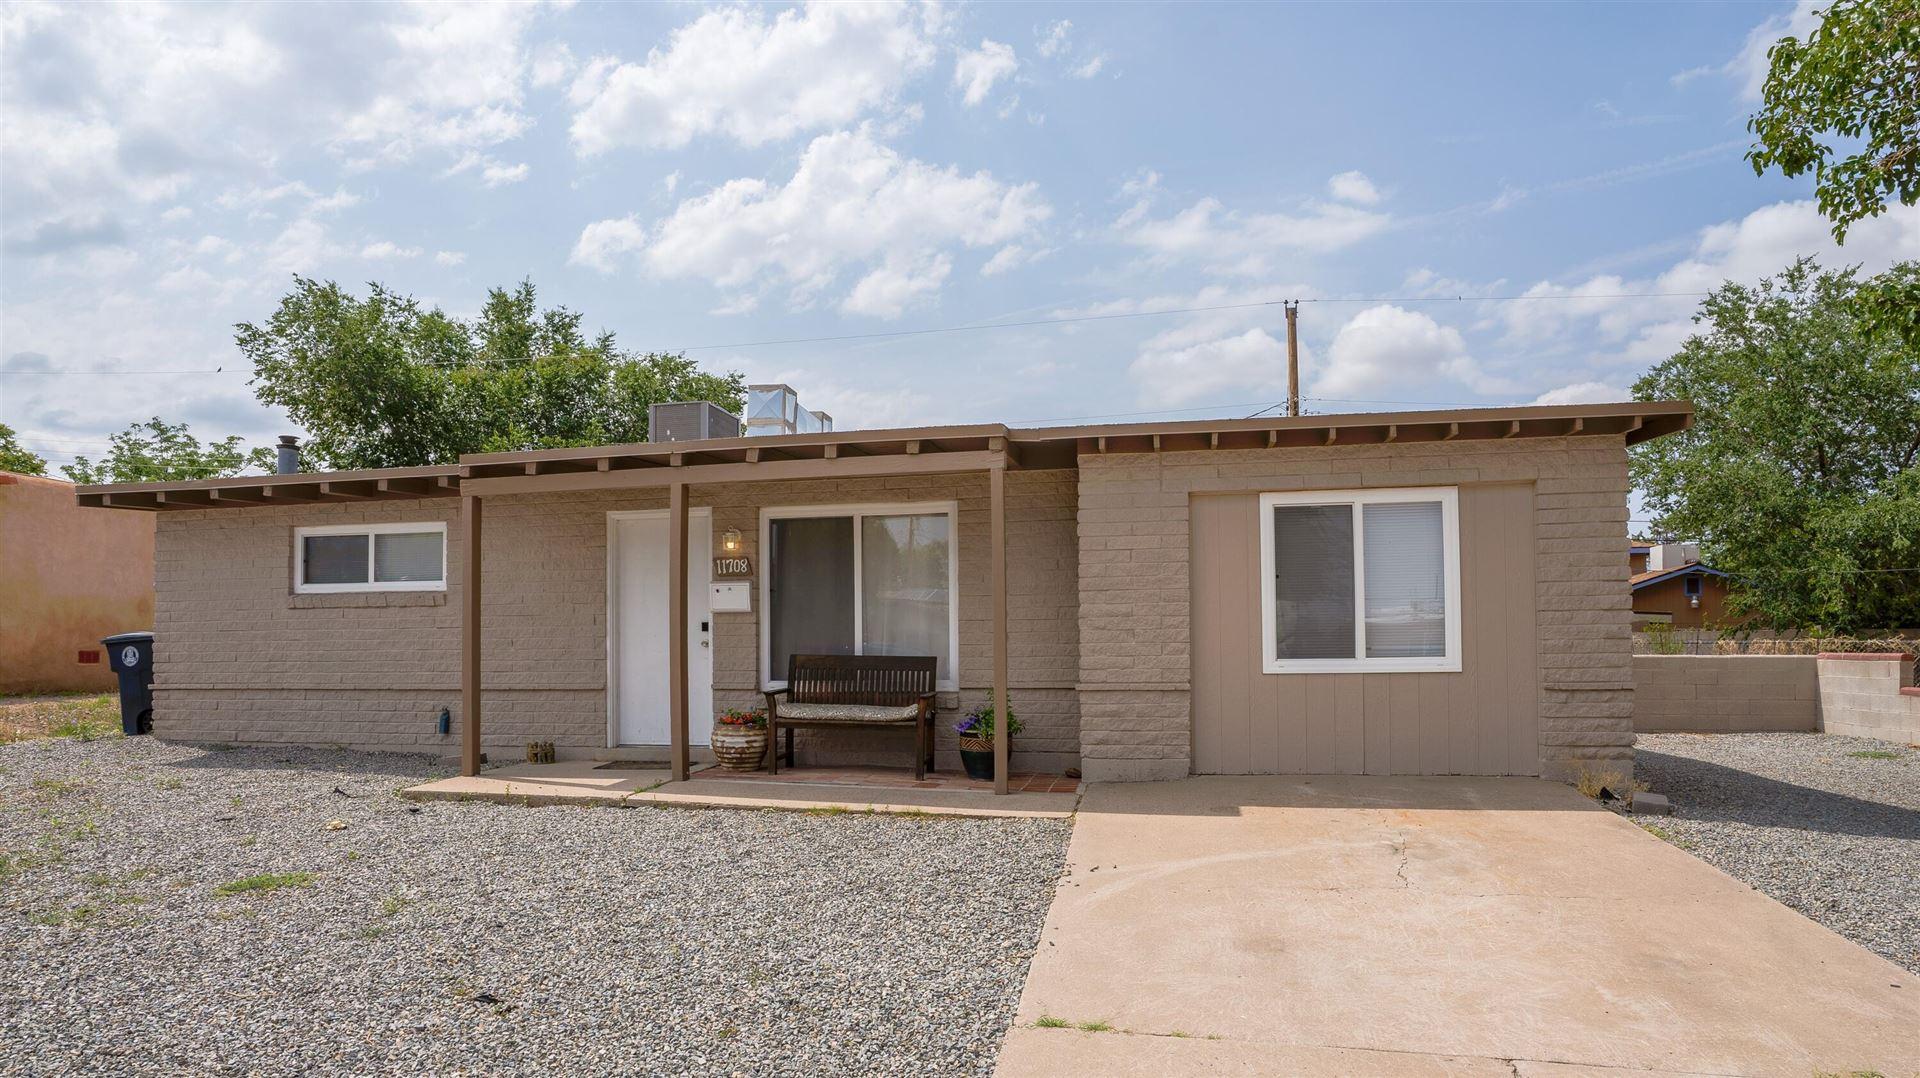 11708 CLIFFORD Avenue NE, Albuquerque, NM 87112 - #: 998110